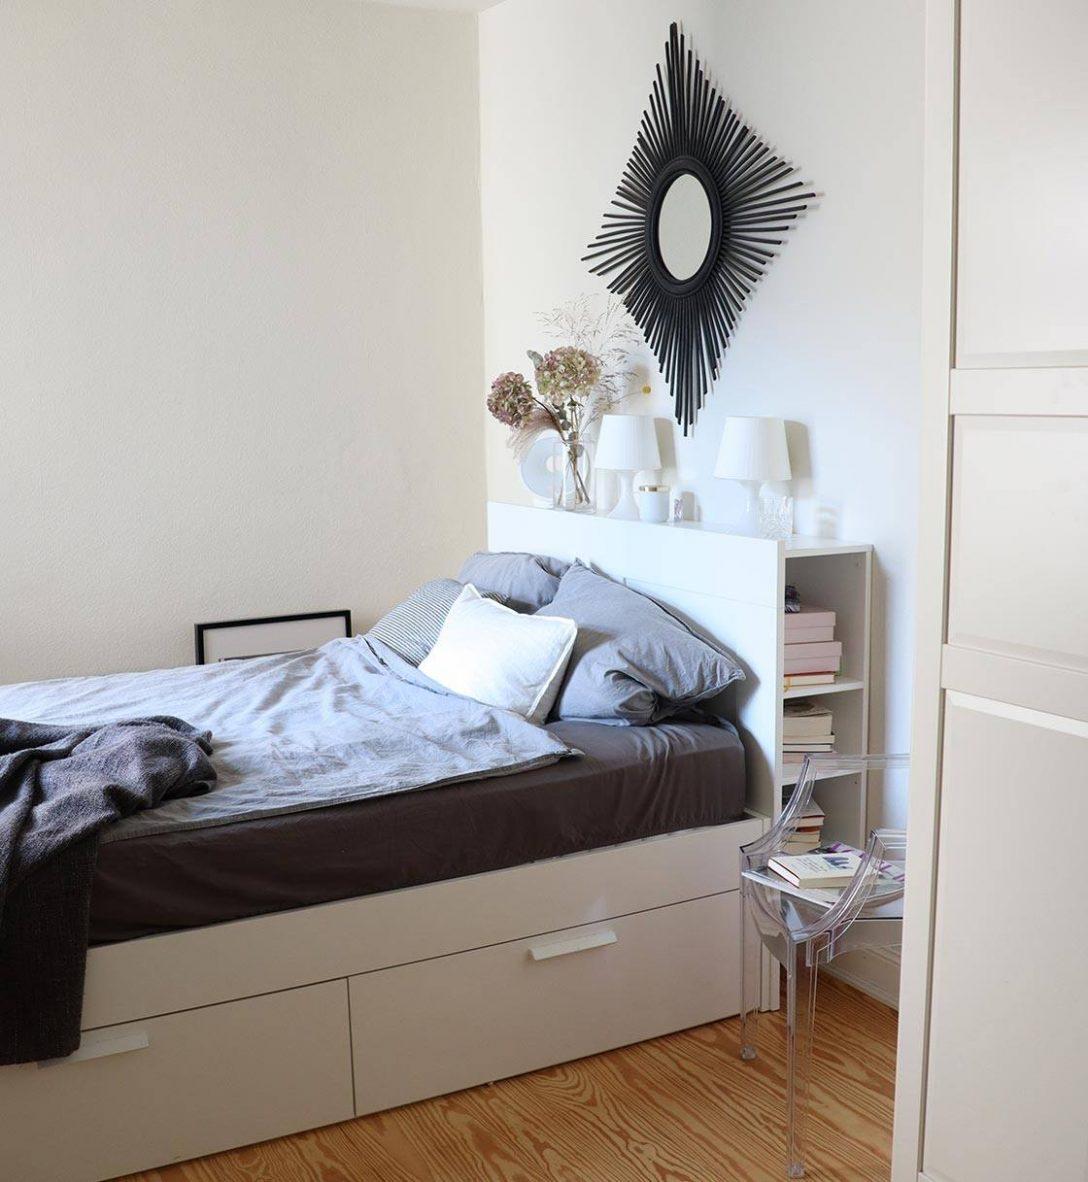 Full Size of Bett Mit Stauraum Ikea 200x200 Betten 120x200 Selber Bauen 140x200 Bettkasten Bambus Test Küche Kochinsel Ohne Kopfteil Schlafzimmer Komplett Lattenrost Und Wohnzimmer Bett Mit Stauraum Ikea